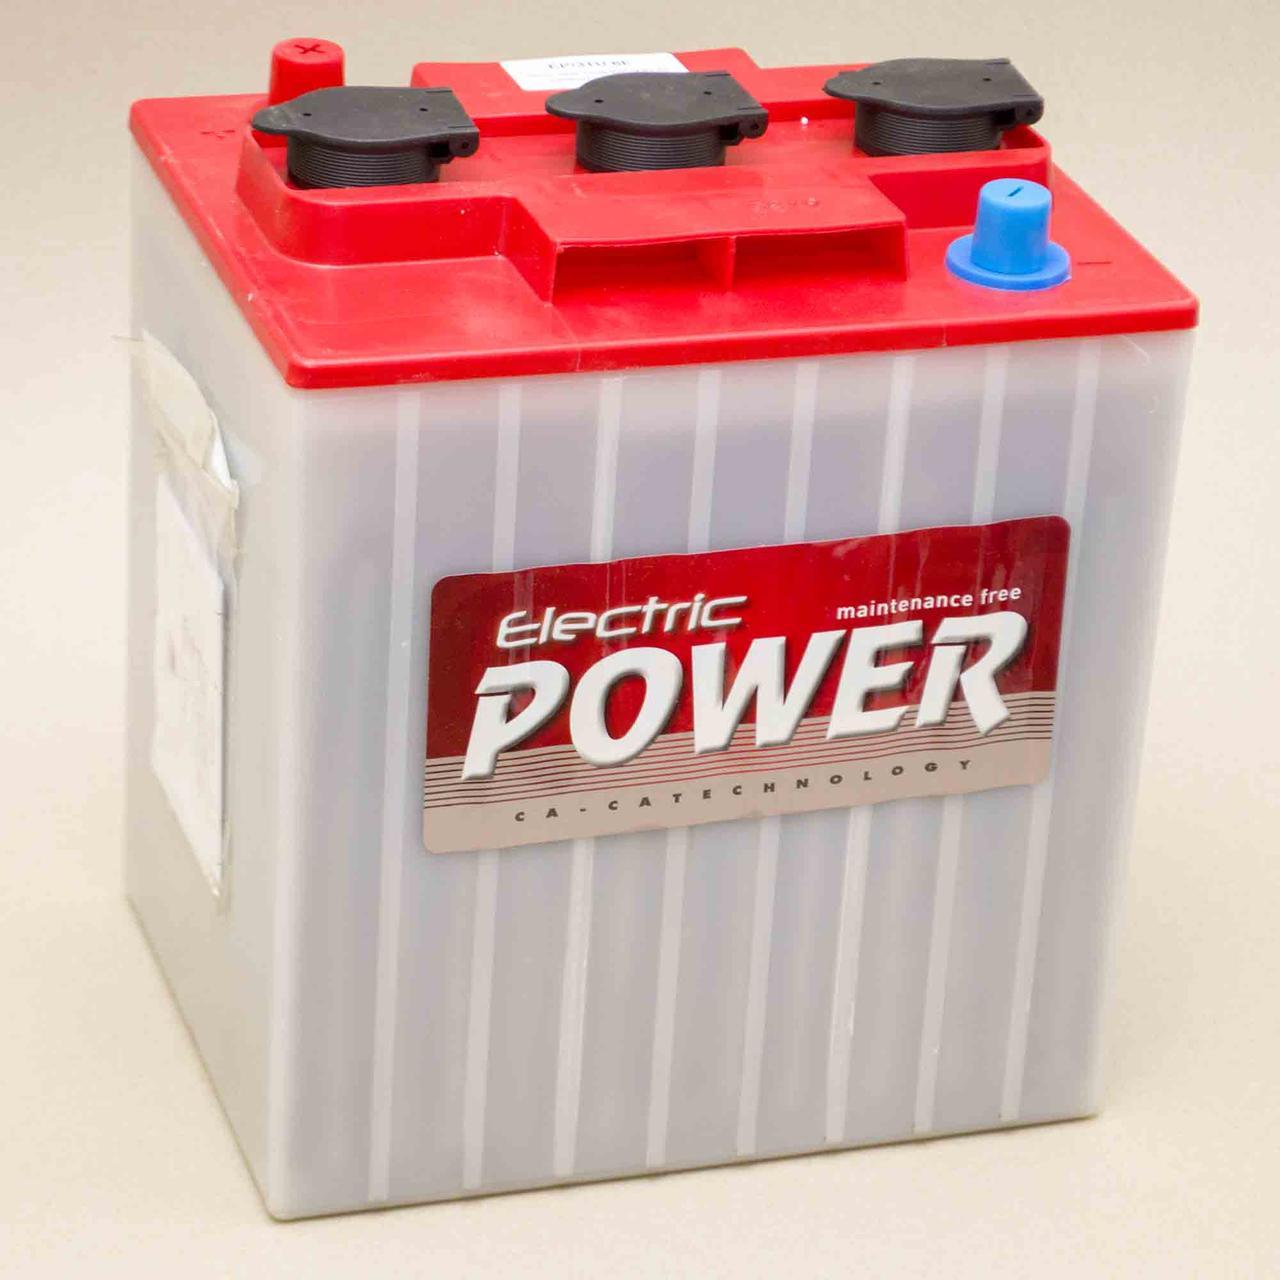 Тягова свинцево-кислотна акумуляторна батарея Electric Power 6V 180/240AH (C5/C20)